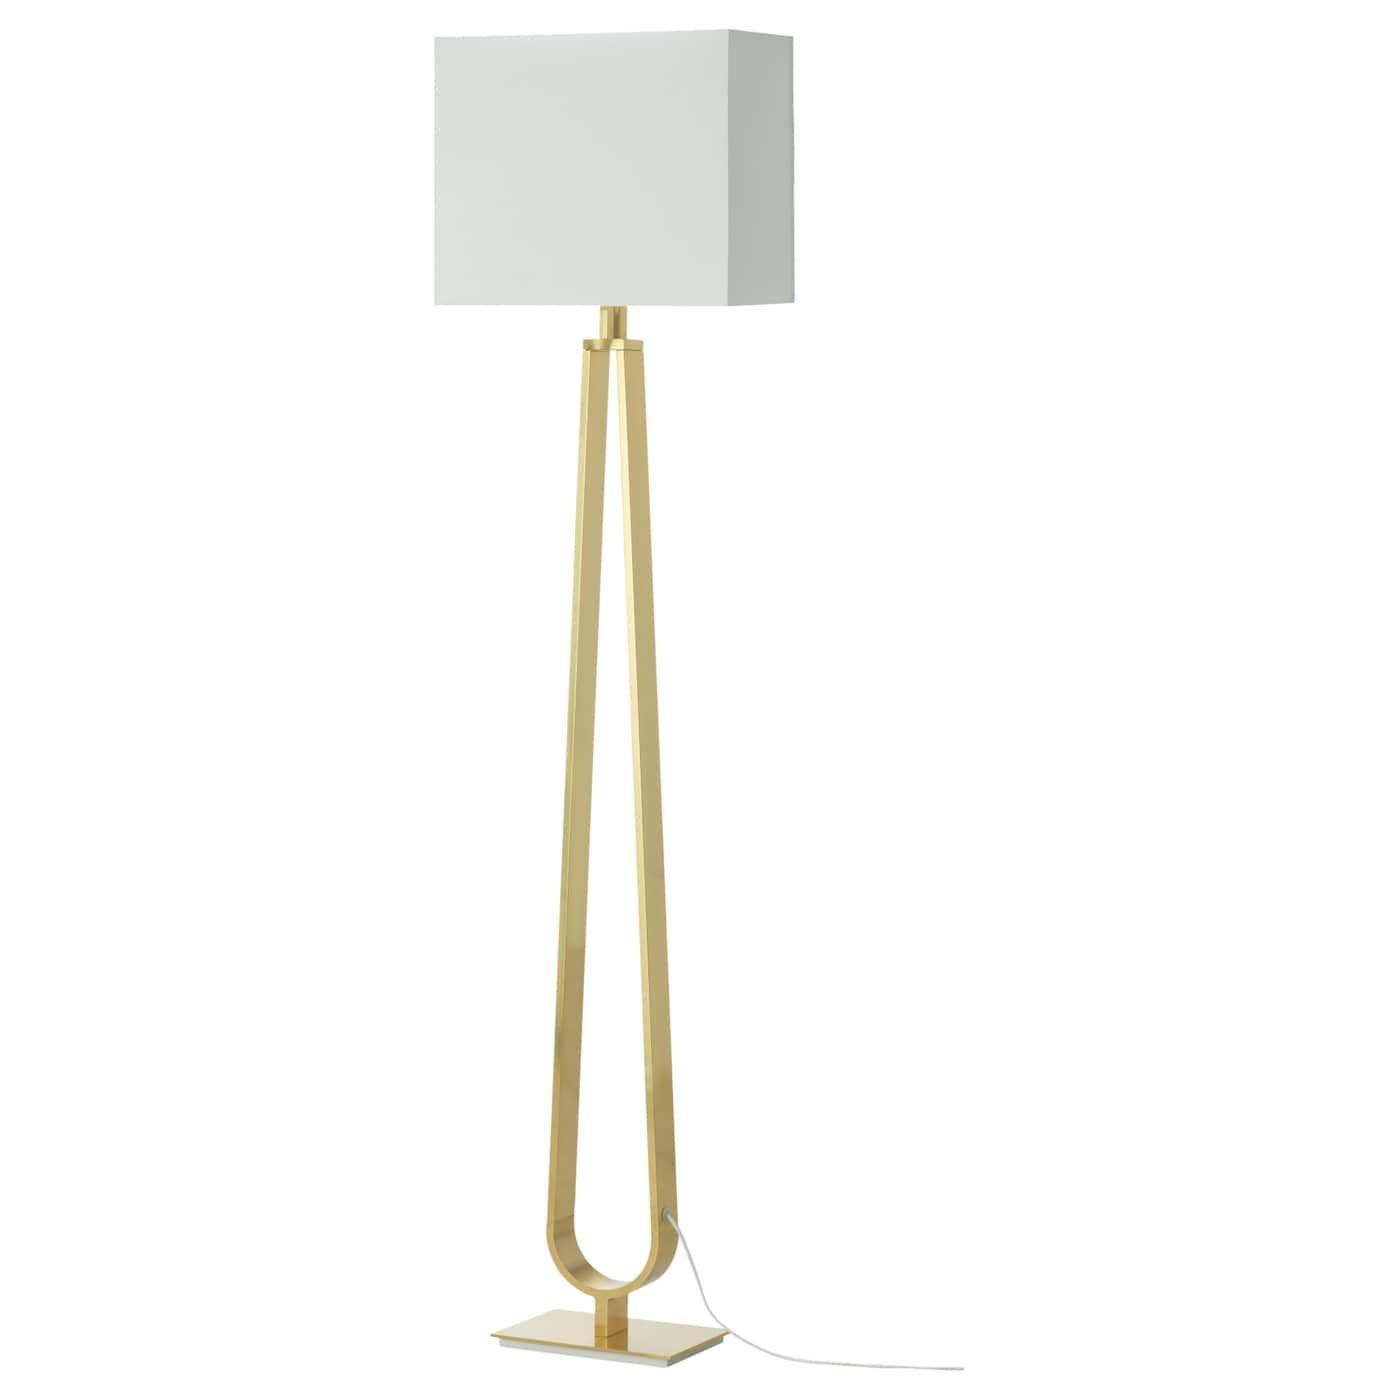 Klabb Floor Lamp With Led Bulb Off White Brass Color Ikea Ikea Floor Lamp Floor Lamp Brass Floor Lamp